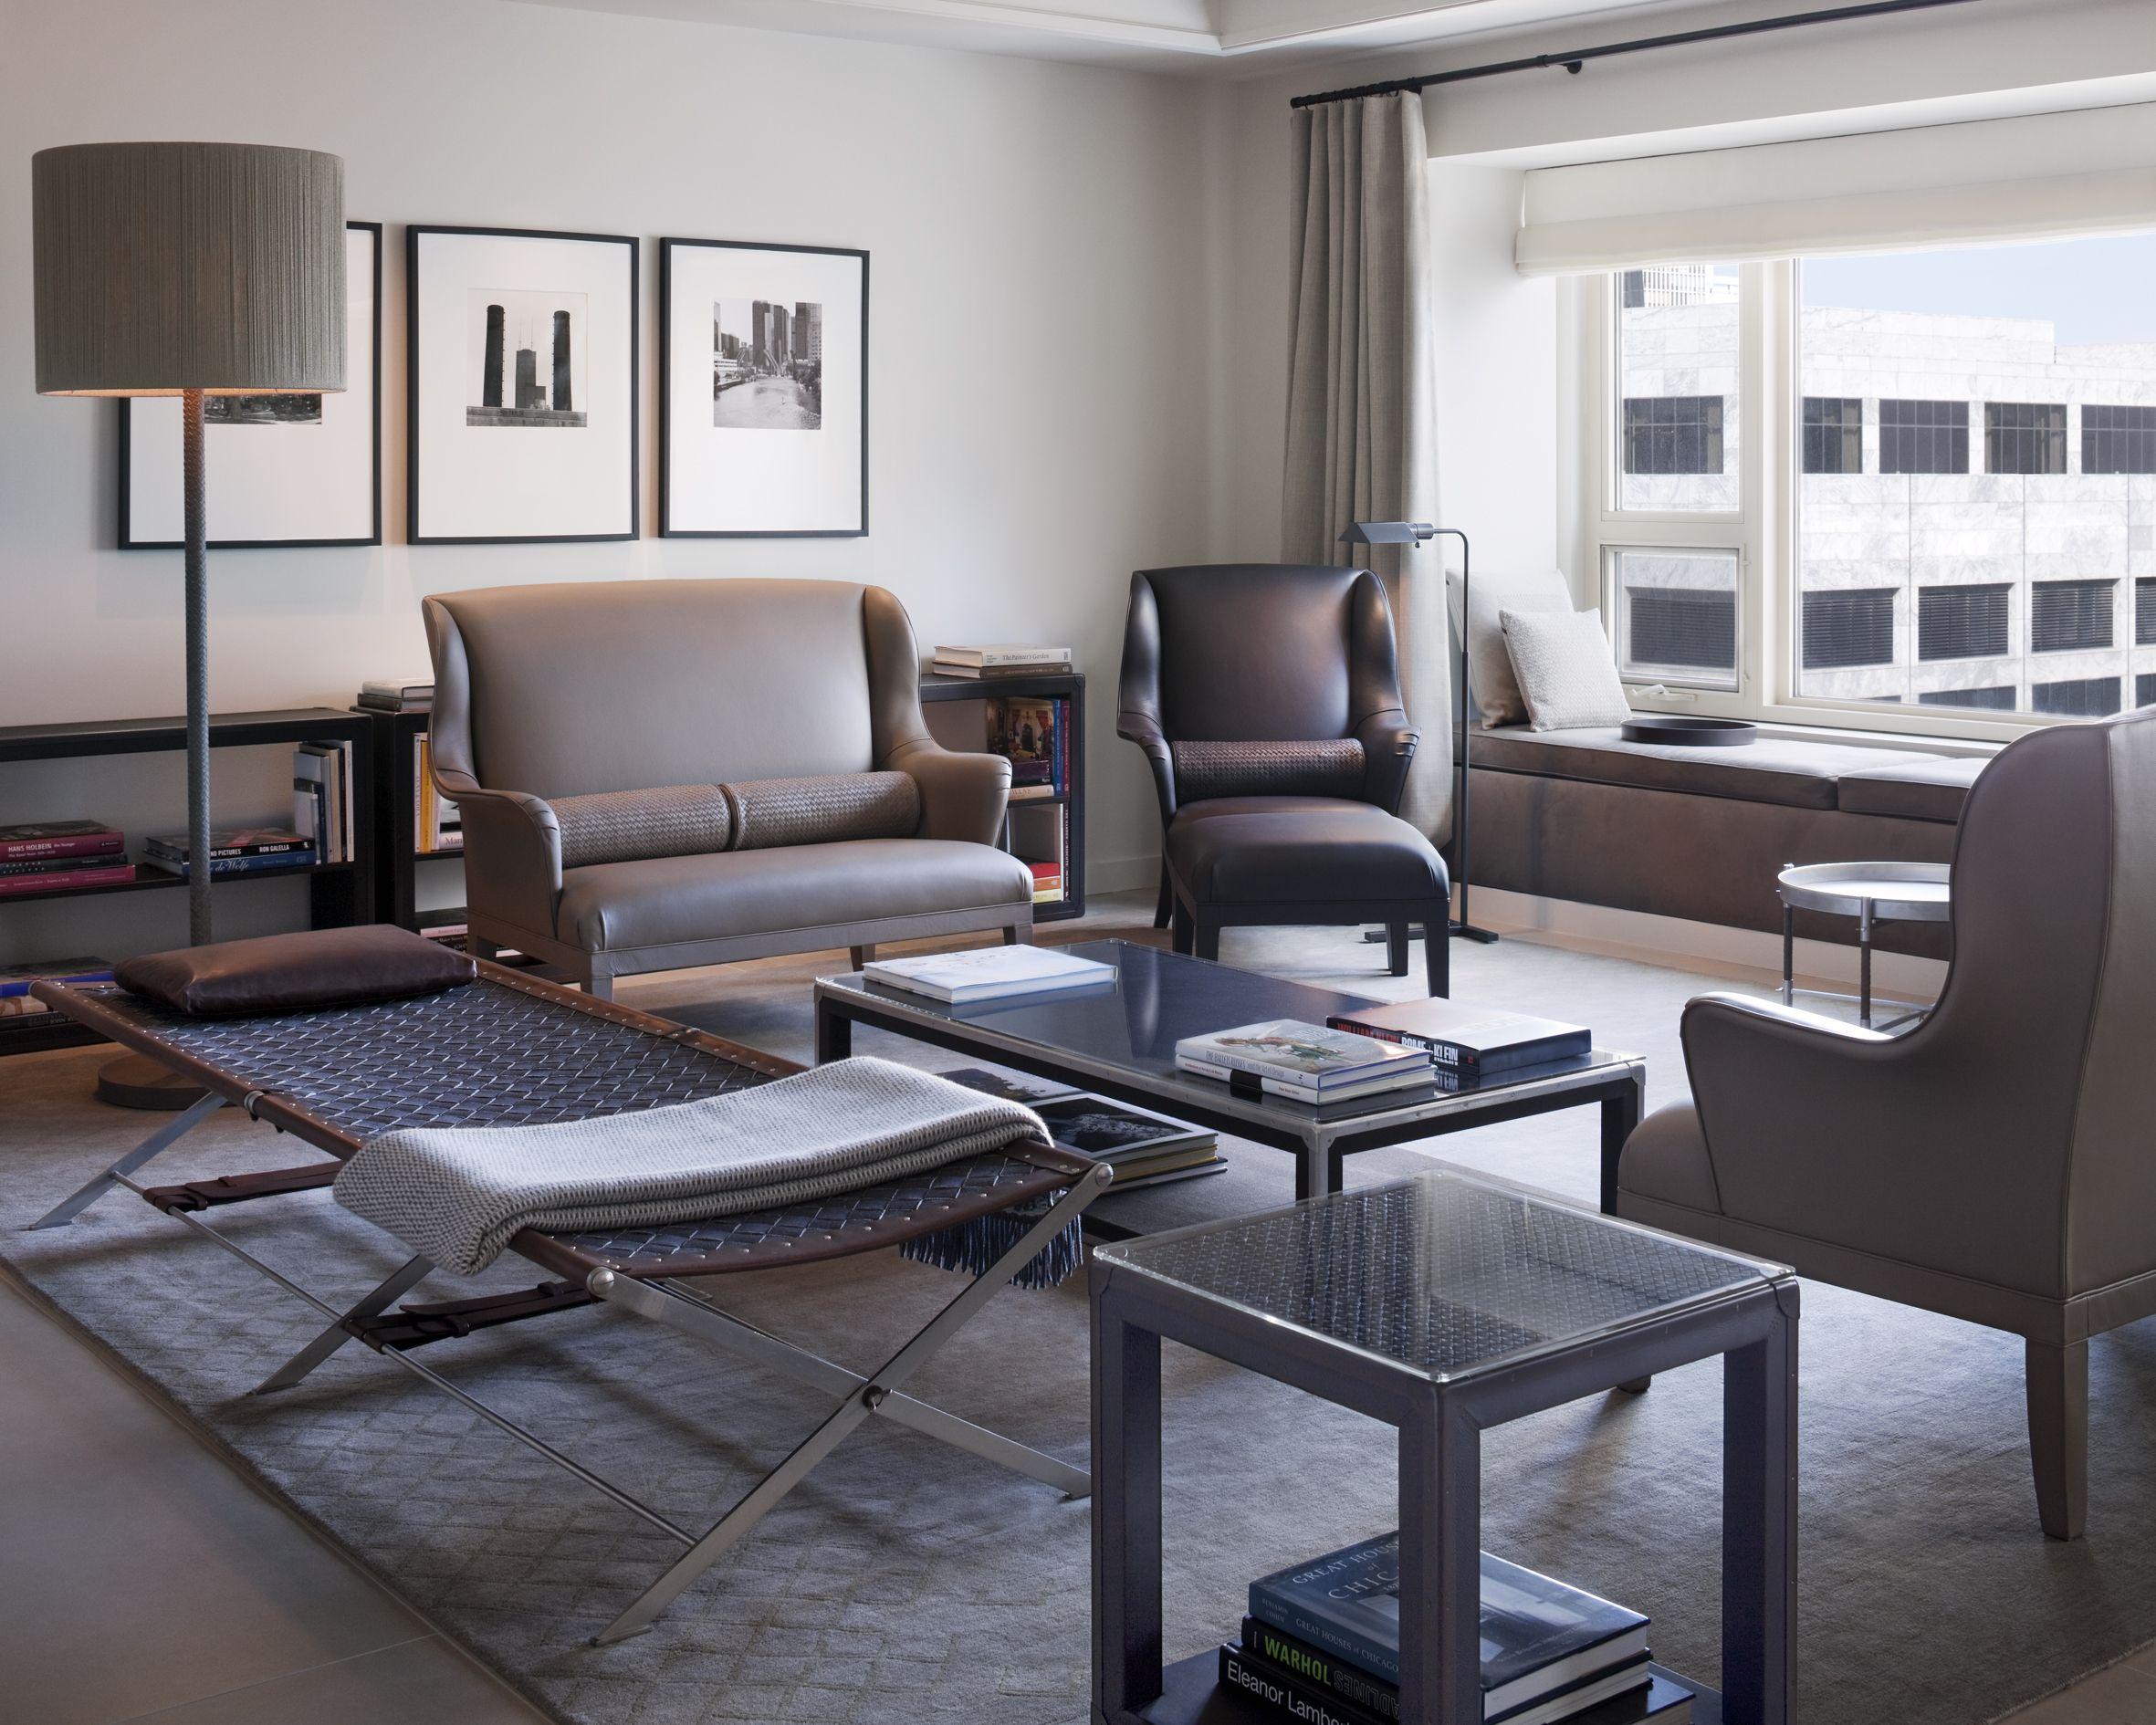 Beau Park Hyatt Chicago | Suite Designed By Botega Venetta